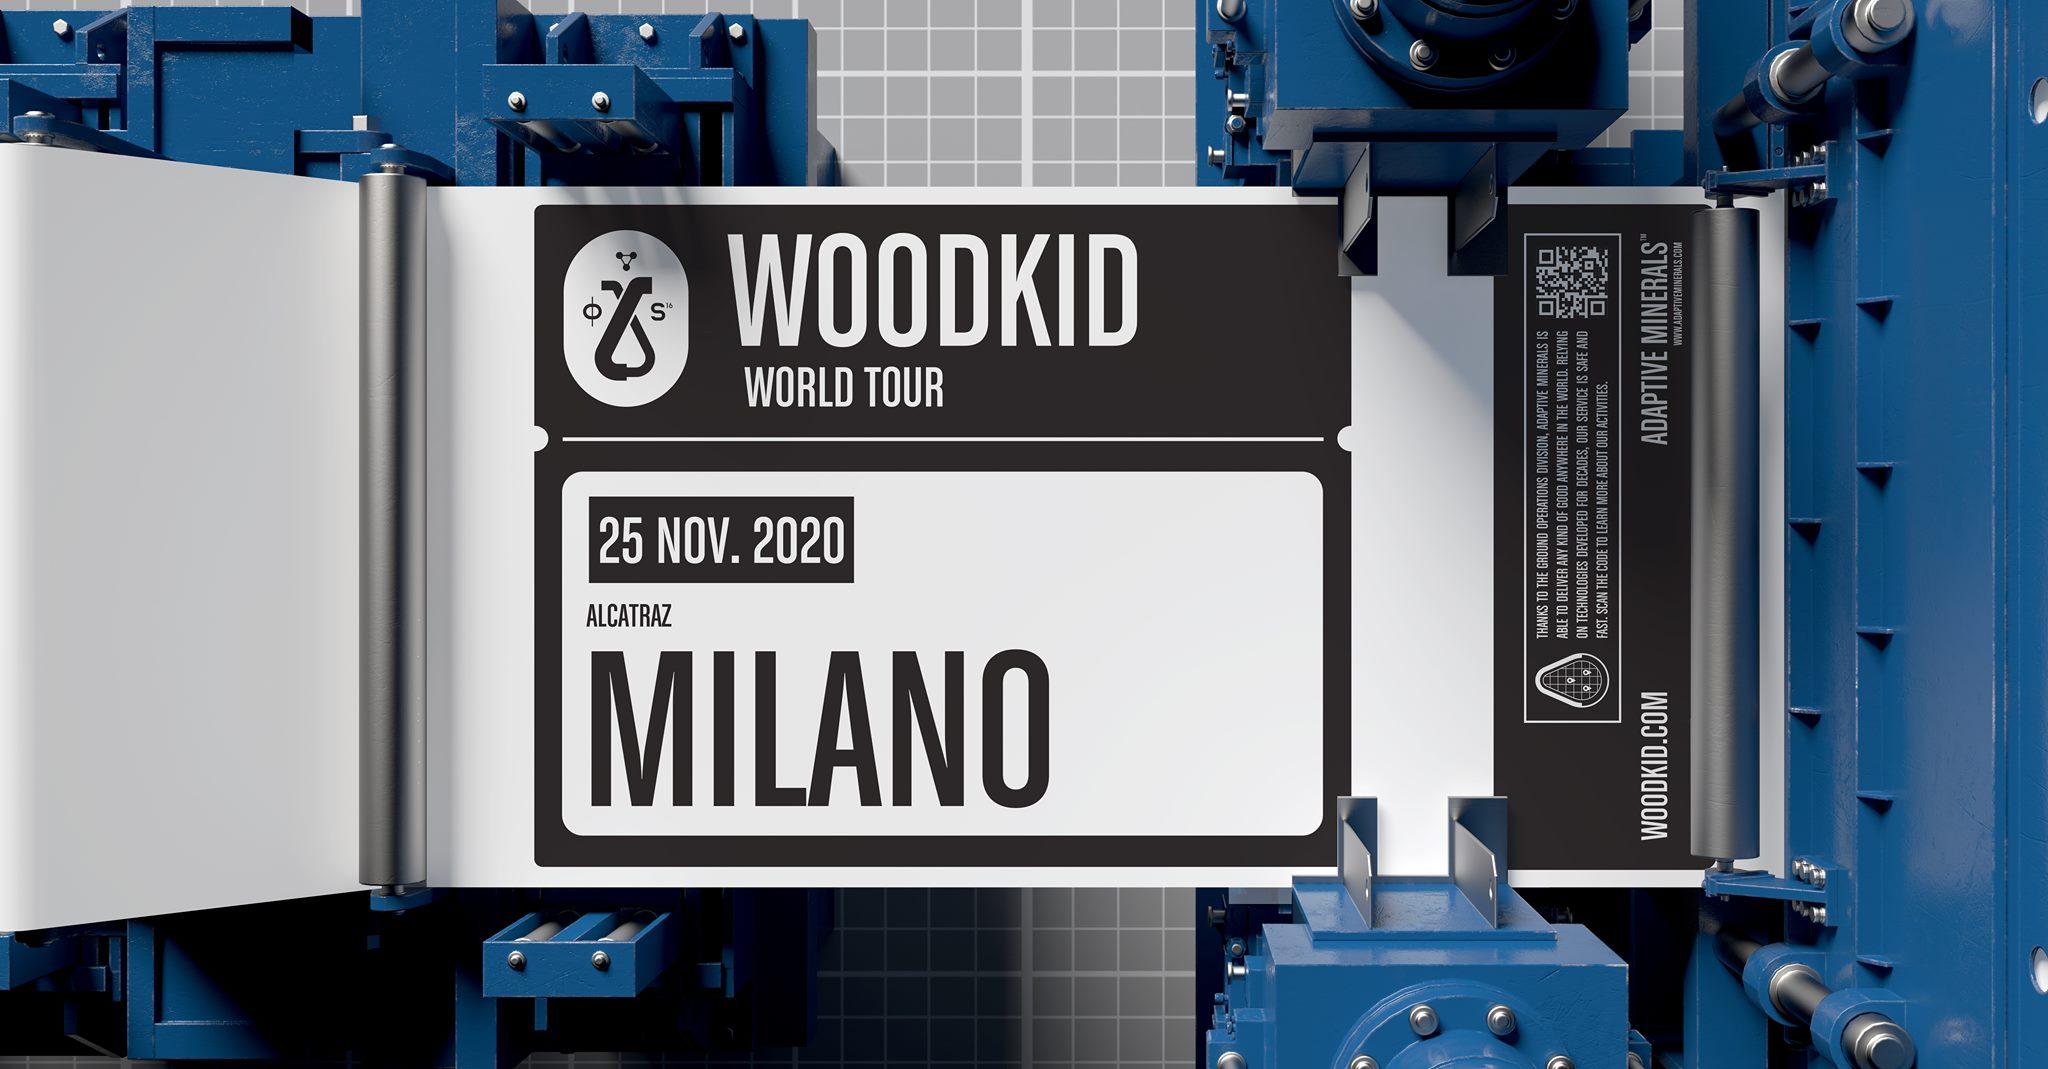 woodkid-alcatraz-milano